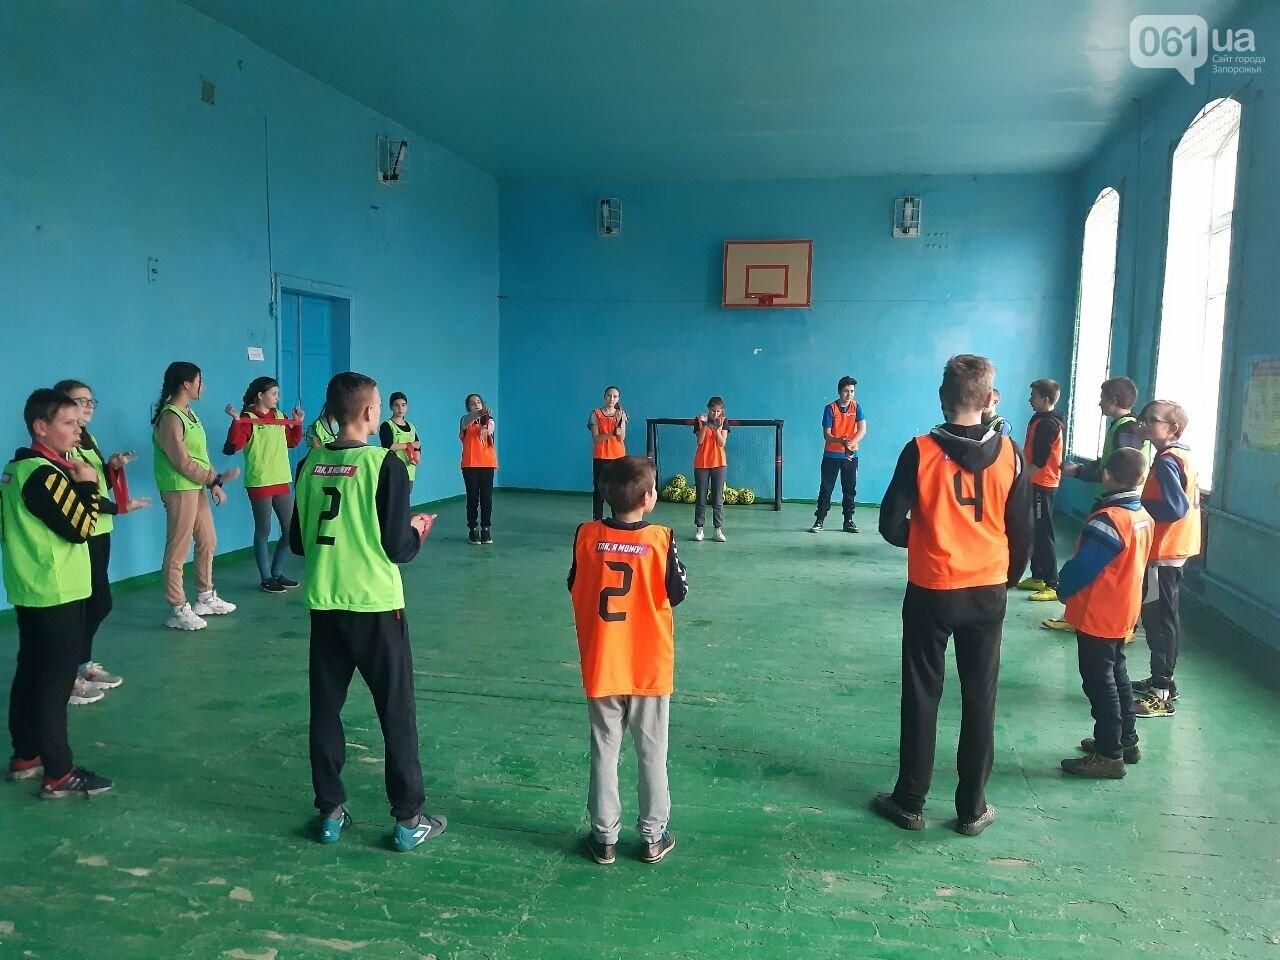 Спорт для всіх. Як проєкт «Так, я можу!» створює умови для інклюзивних занять футболом для дітей з особливими потребами у Запорізькій області, фото-3